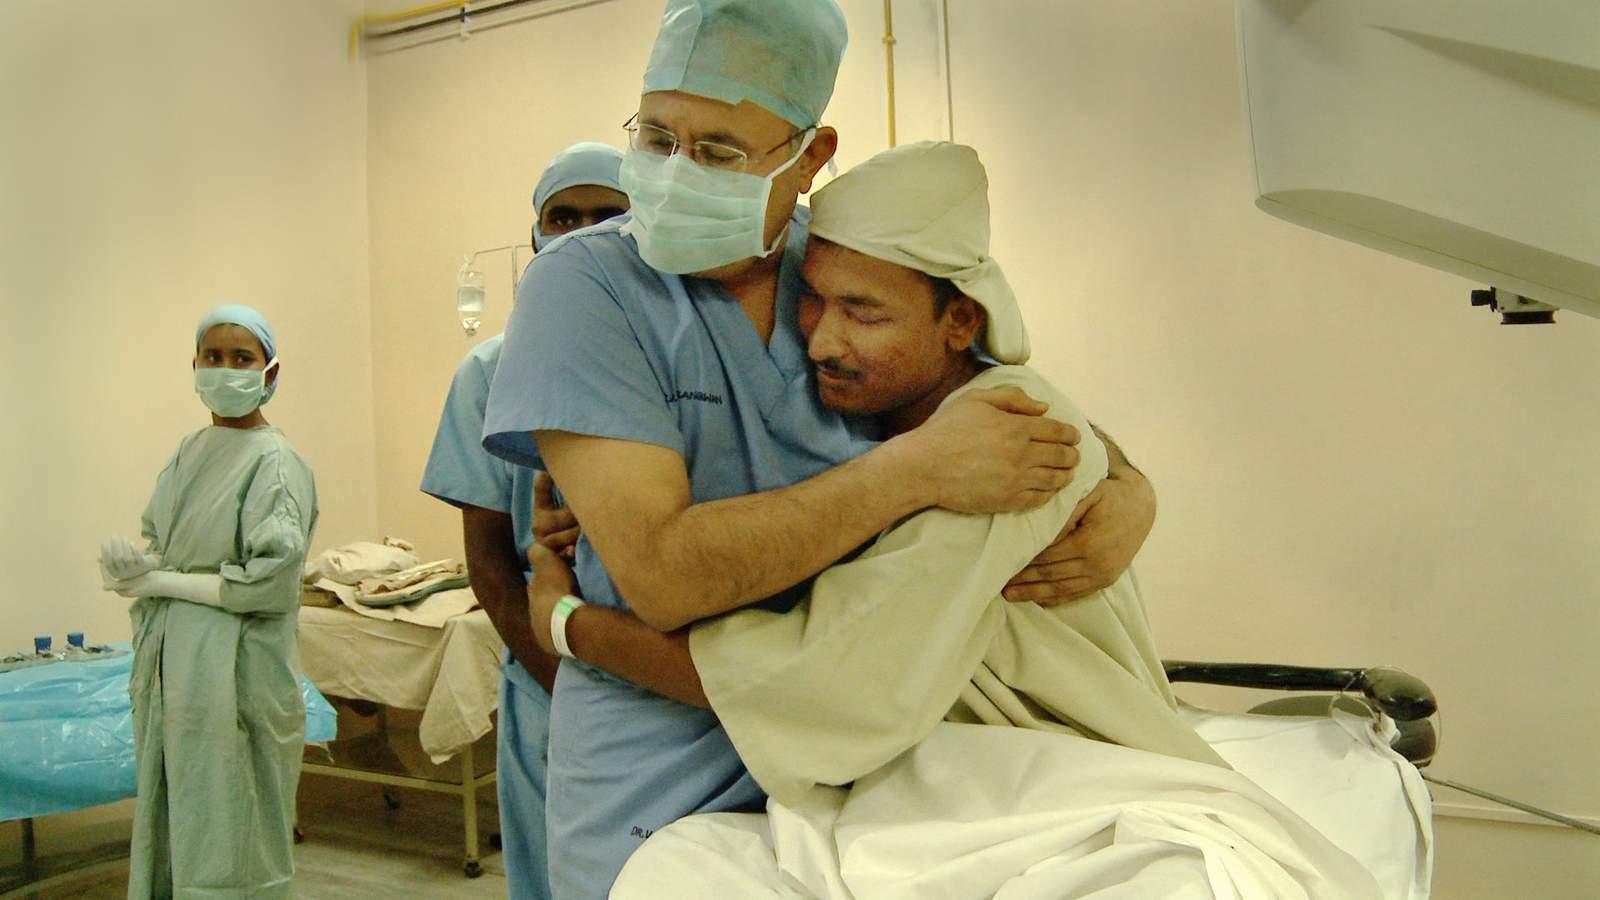 Hug_doctor_and_patient.jpg